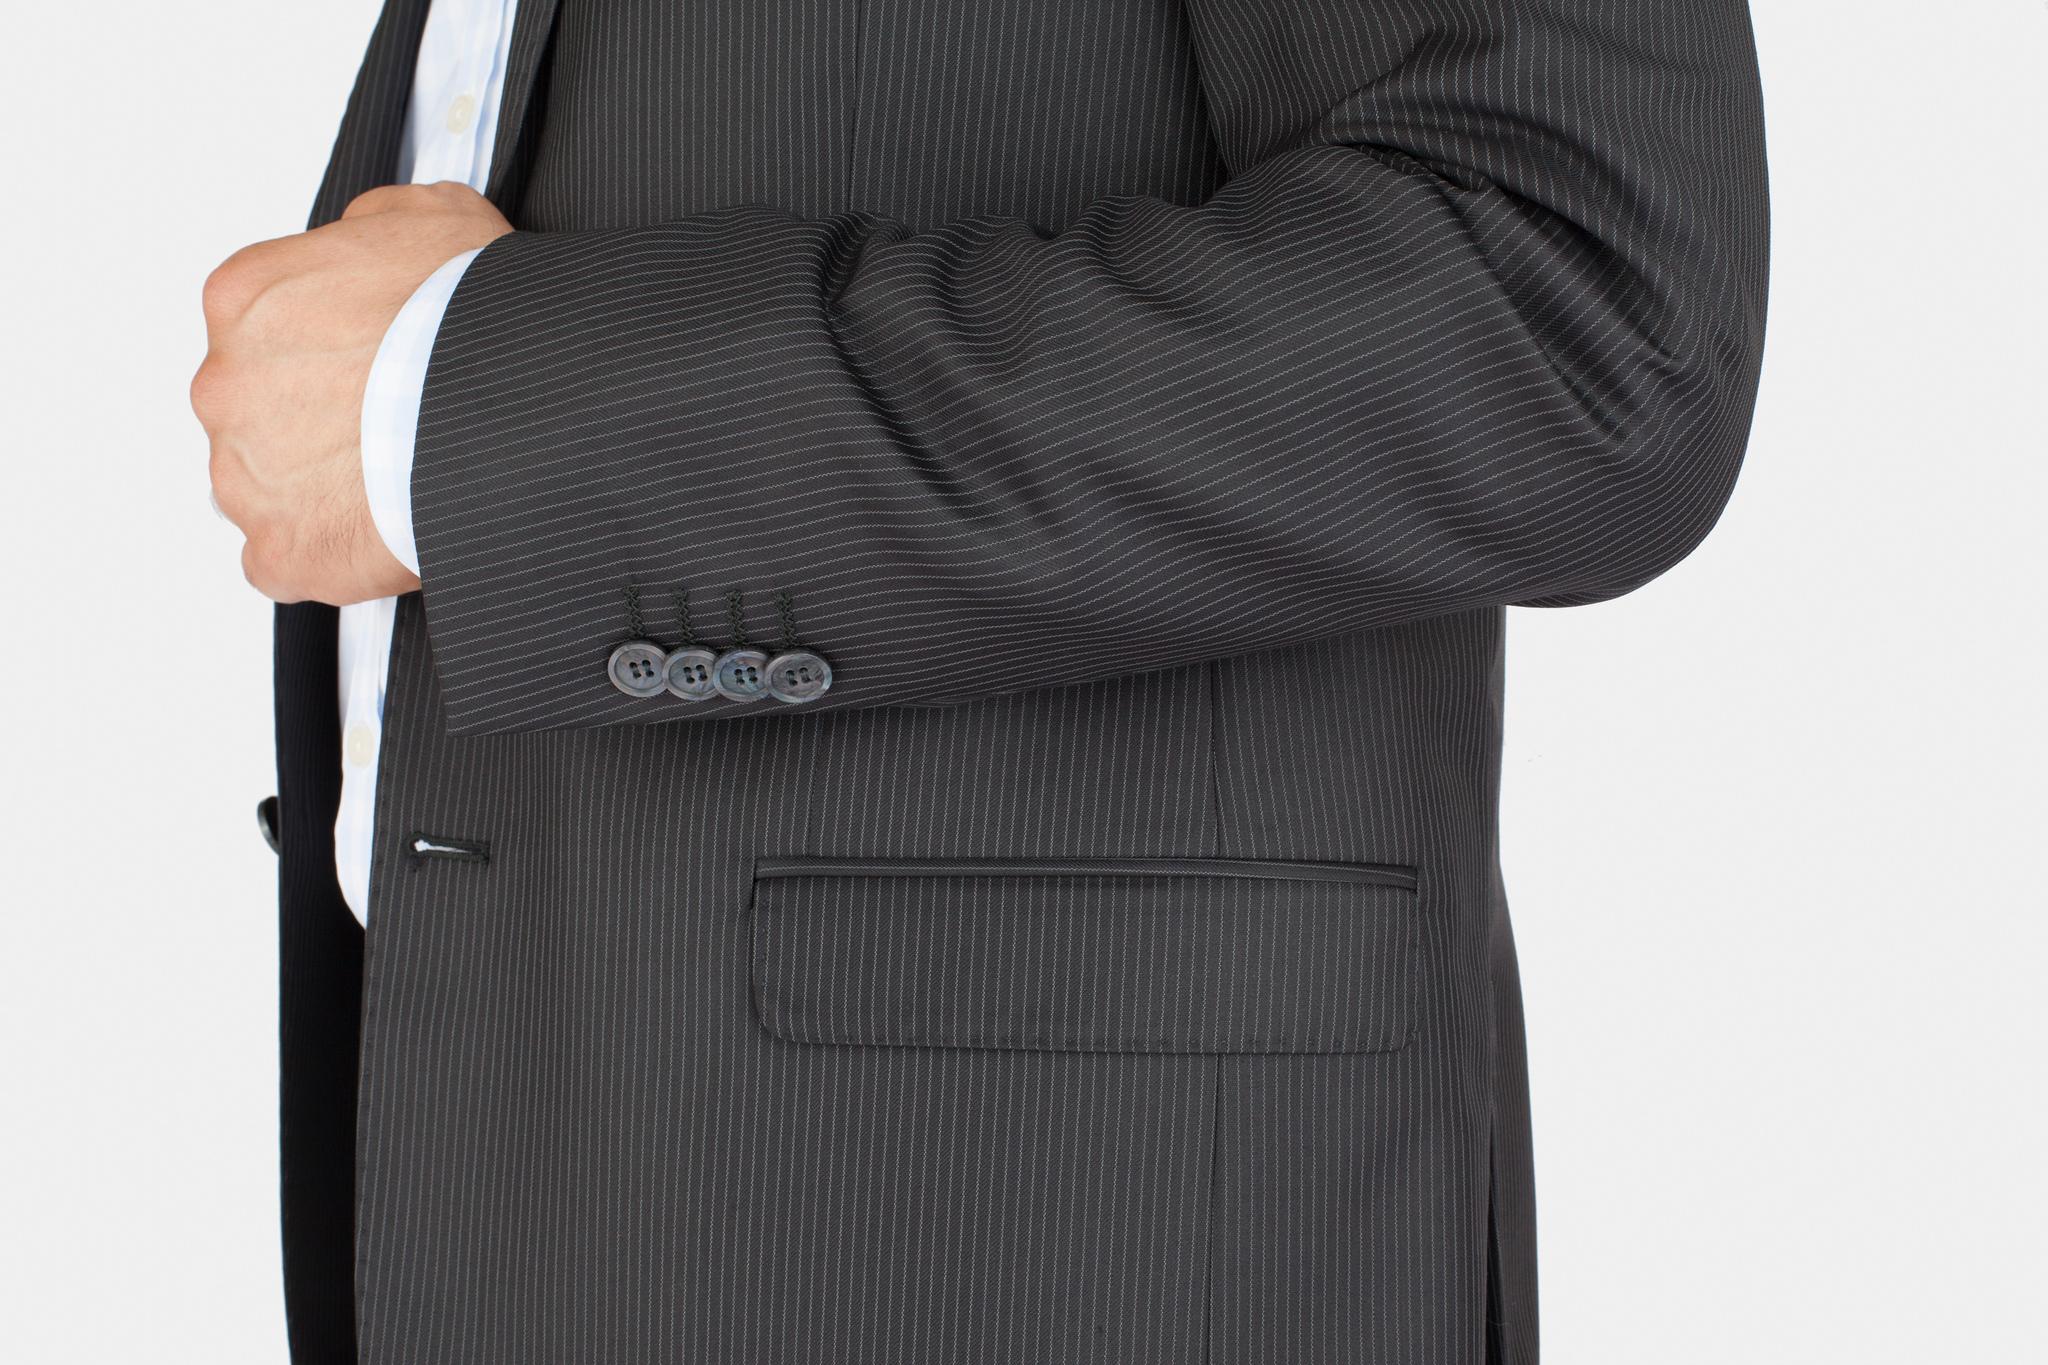 Тёмно-серый костюм в частую тонкую светлую полоску из 100%-ной шерсти, накладной карман